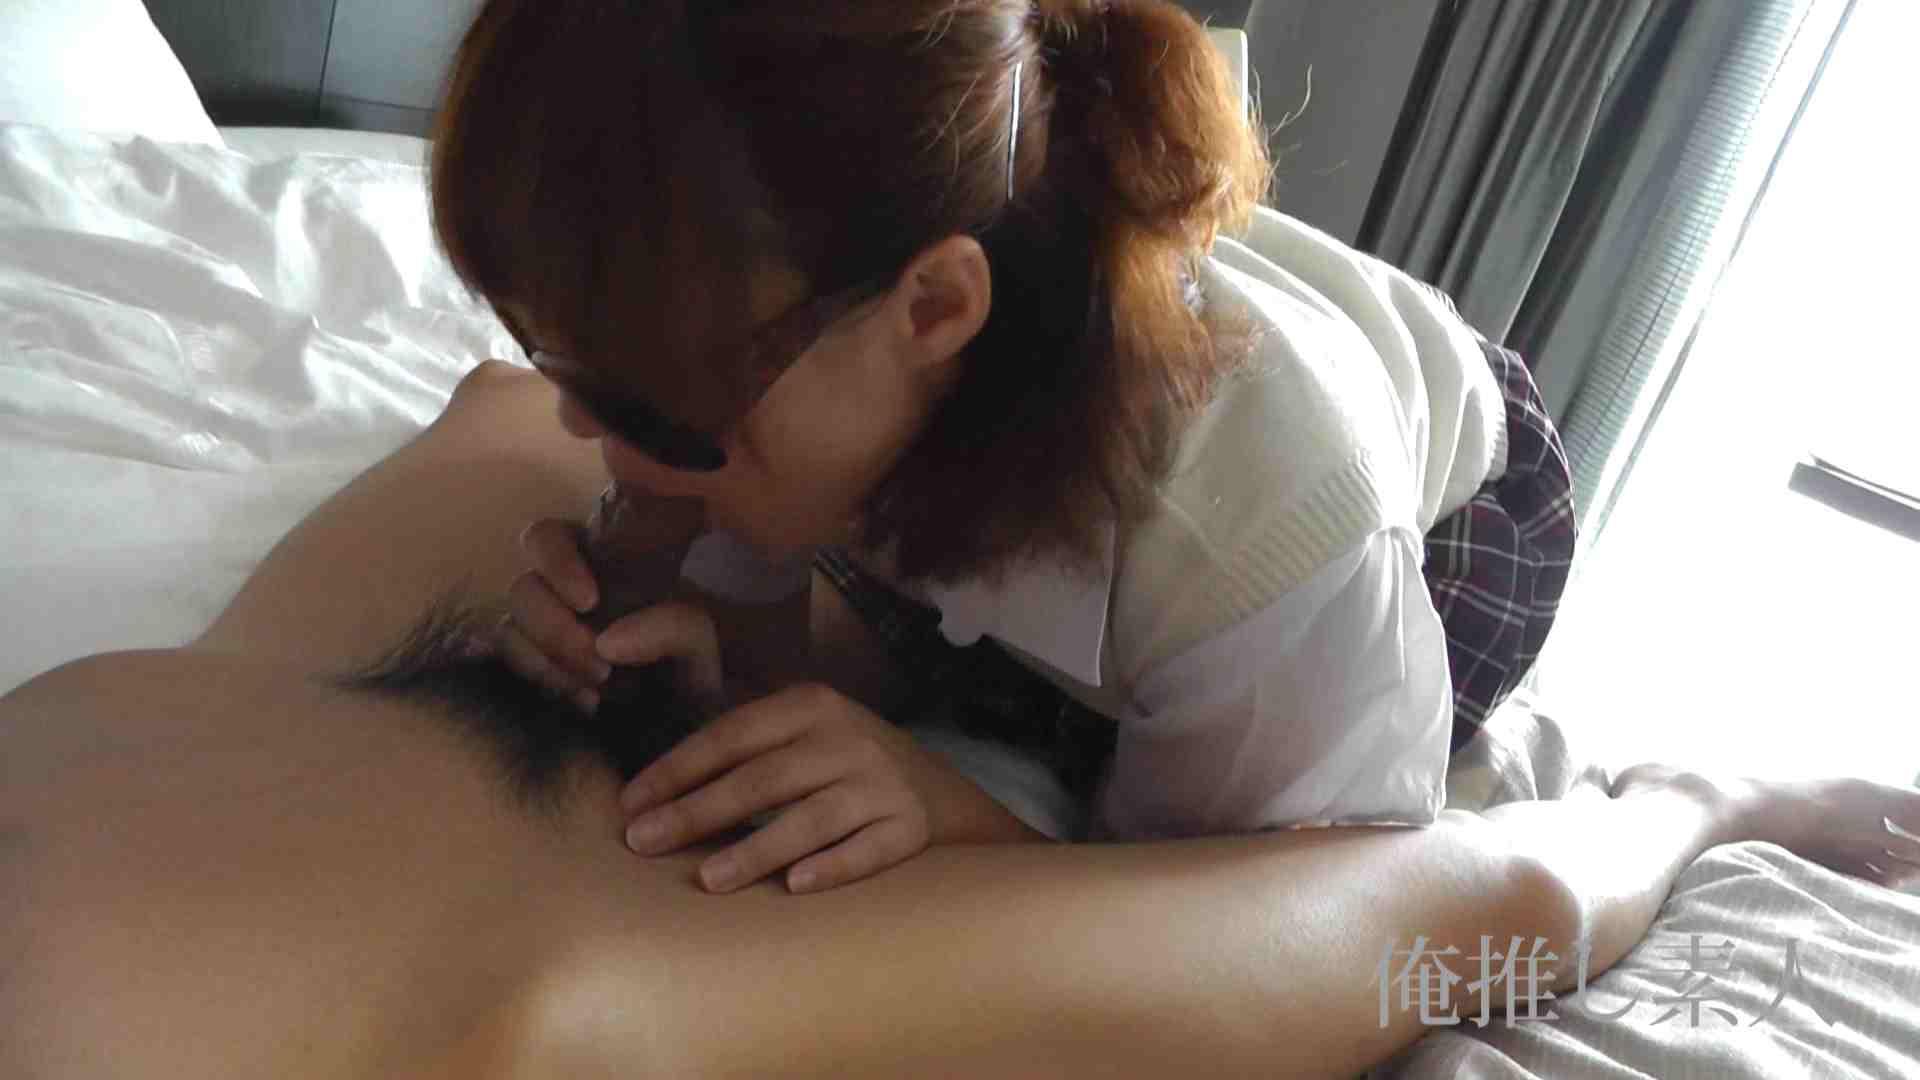 俺推し素人 キャバクラ嬢26歳久美vol6 おっぱい セックス画像 100pic 59